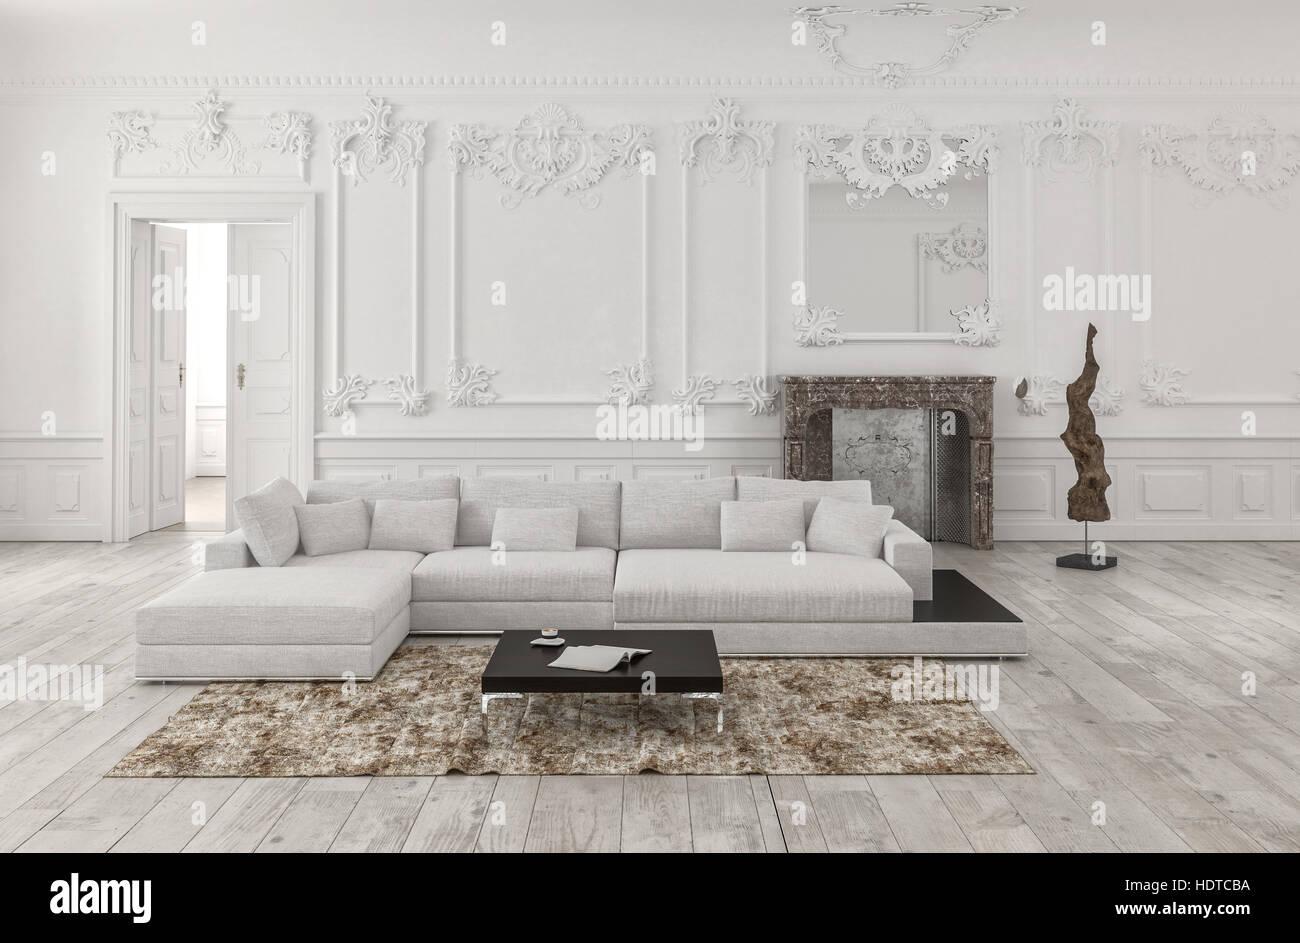 Klassische weiße 3d gerendert monochrome Wohnzimmer Interieur mit ...